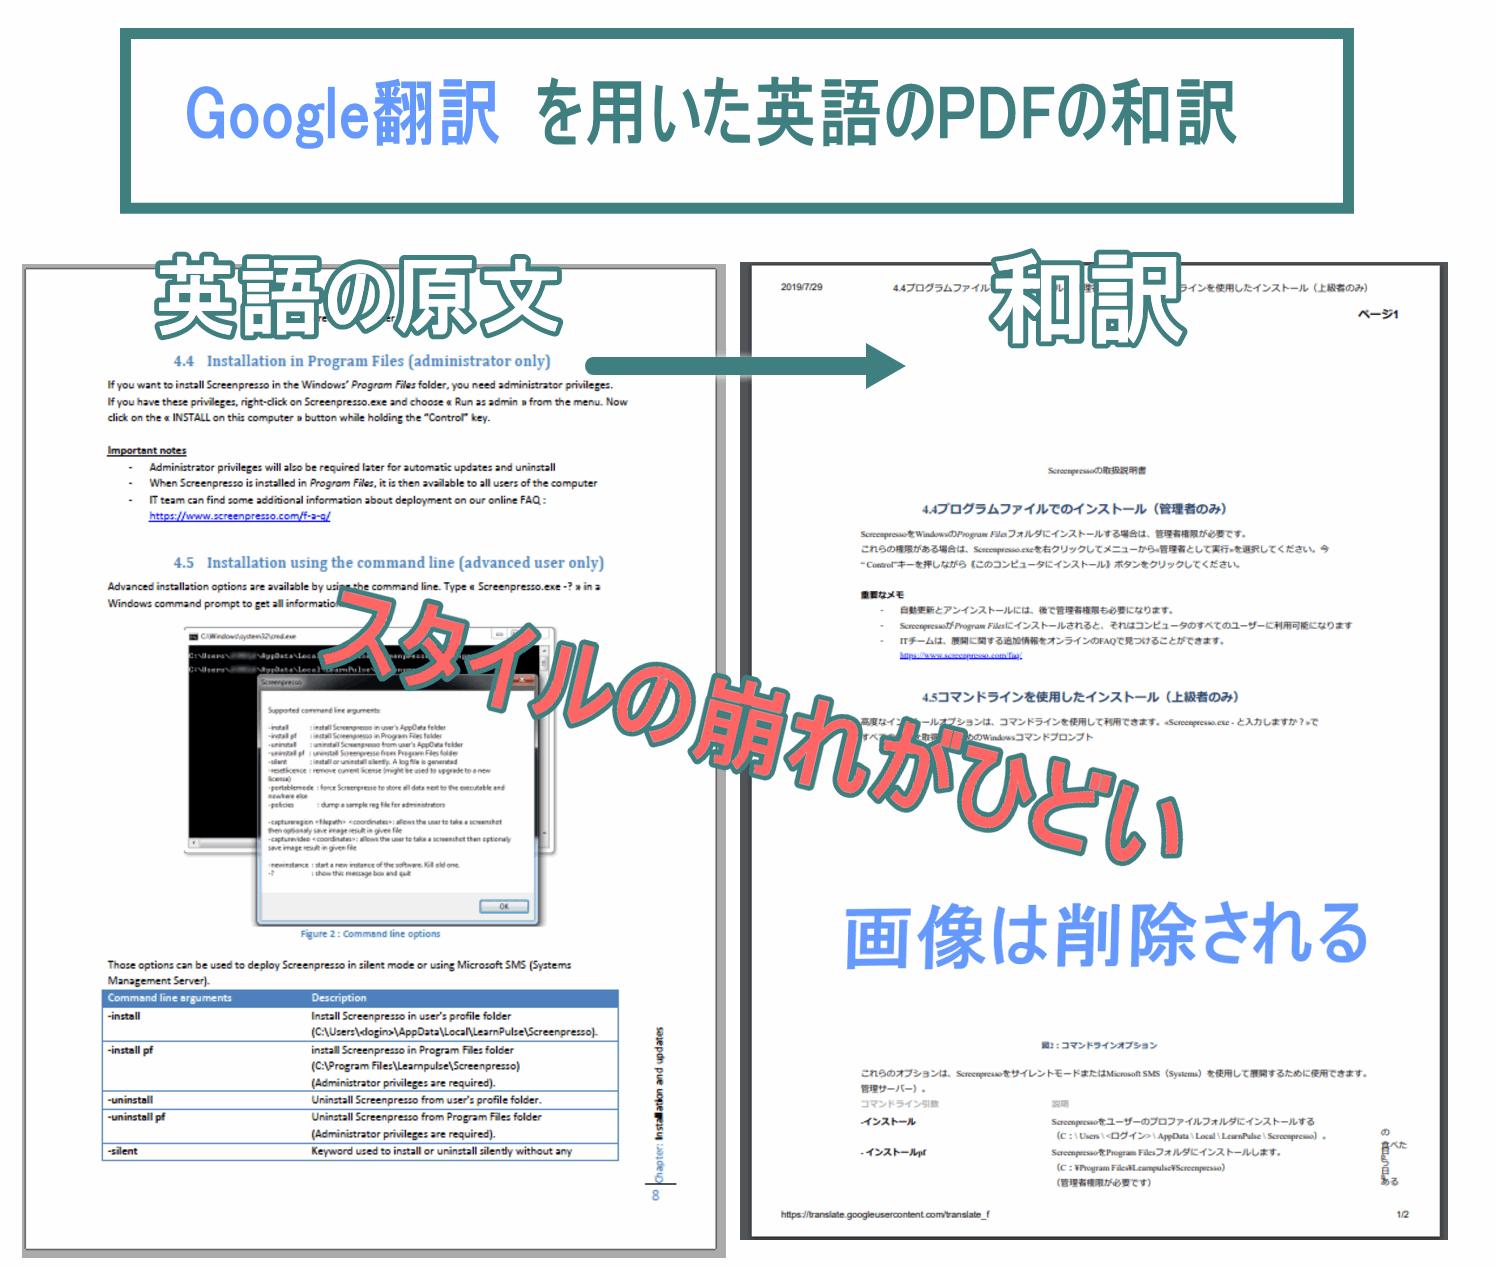 Google翻訳によるPDF翻訳はスタイルの崩れがひどい。